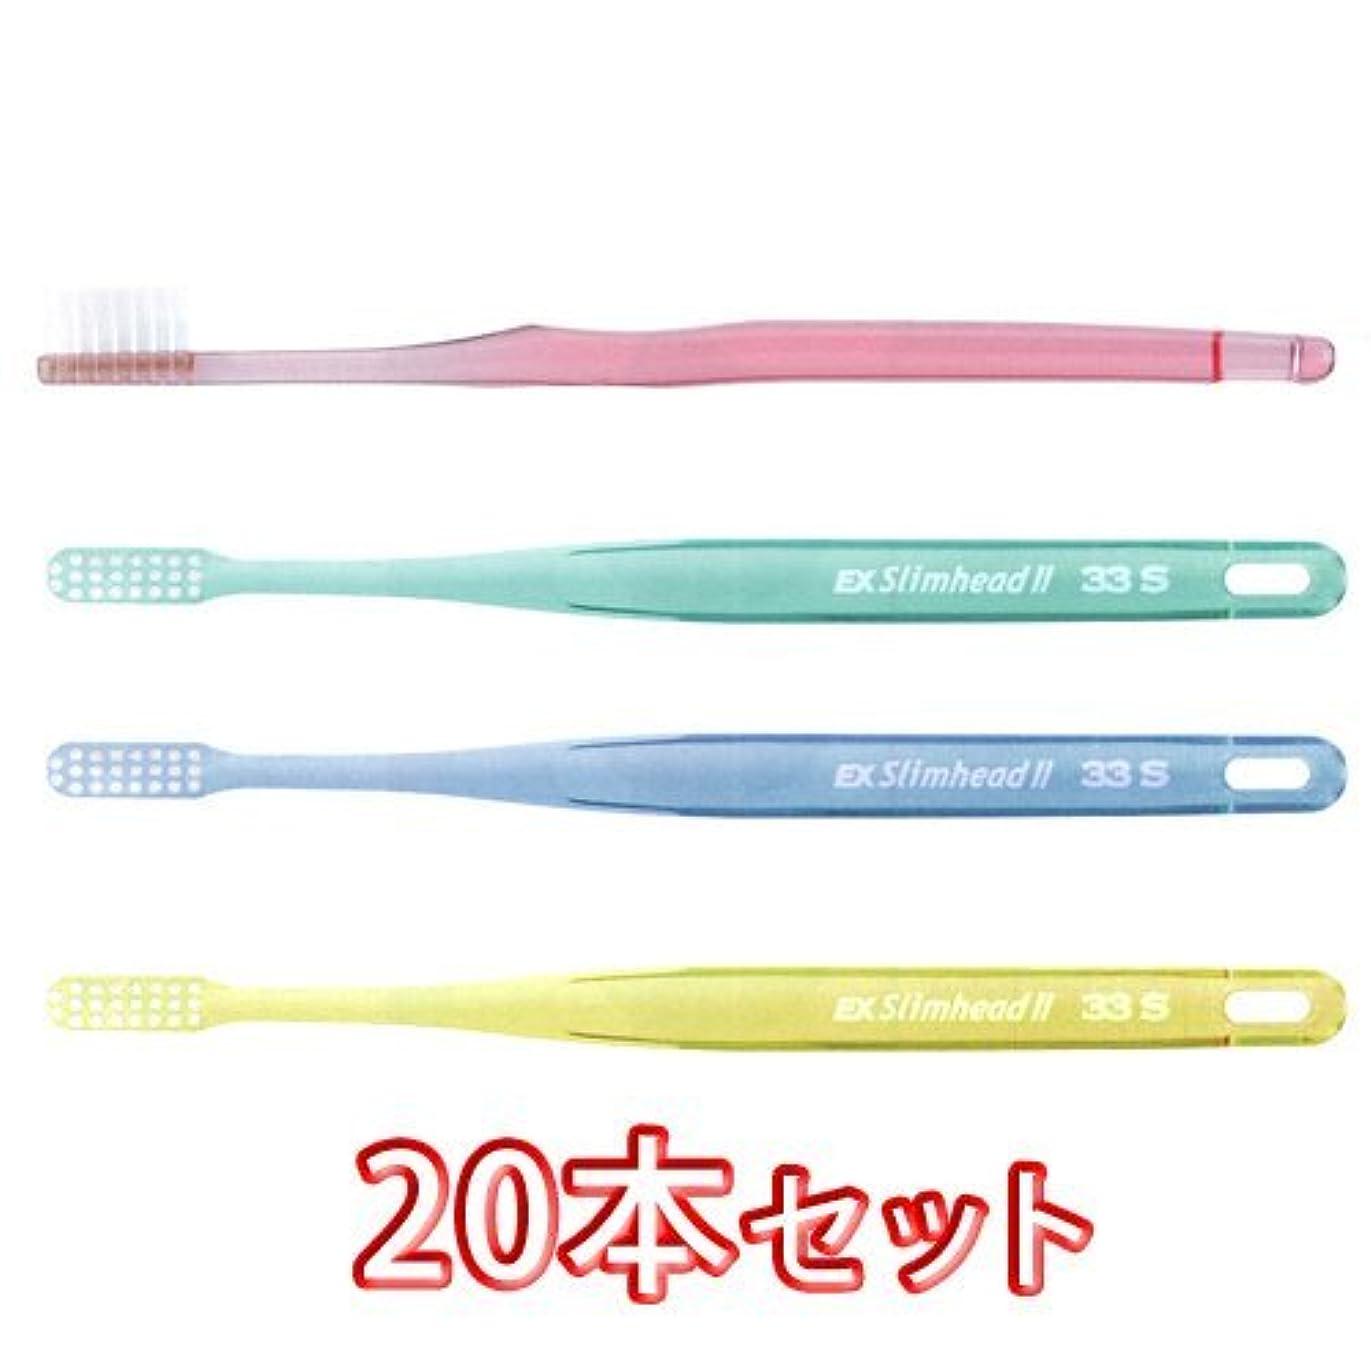 すずめ気楽な起きているライオン スリムヘッド2 歯ブラシ DENT . EX Slimhead2 20本入 (33S)